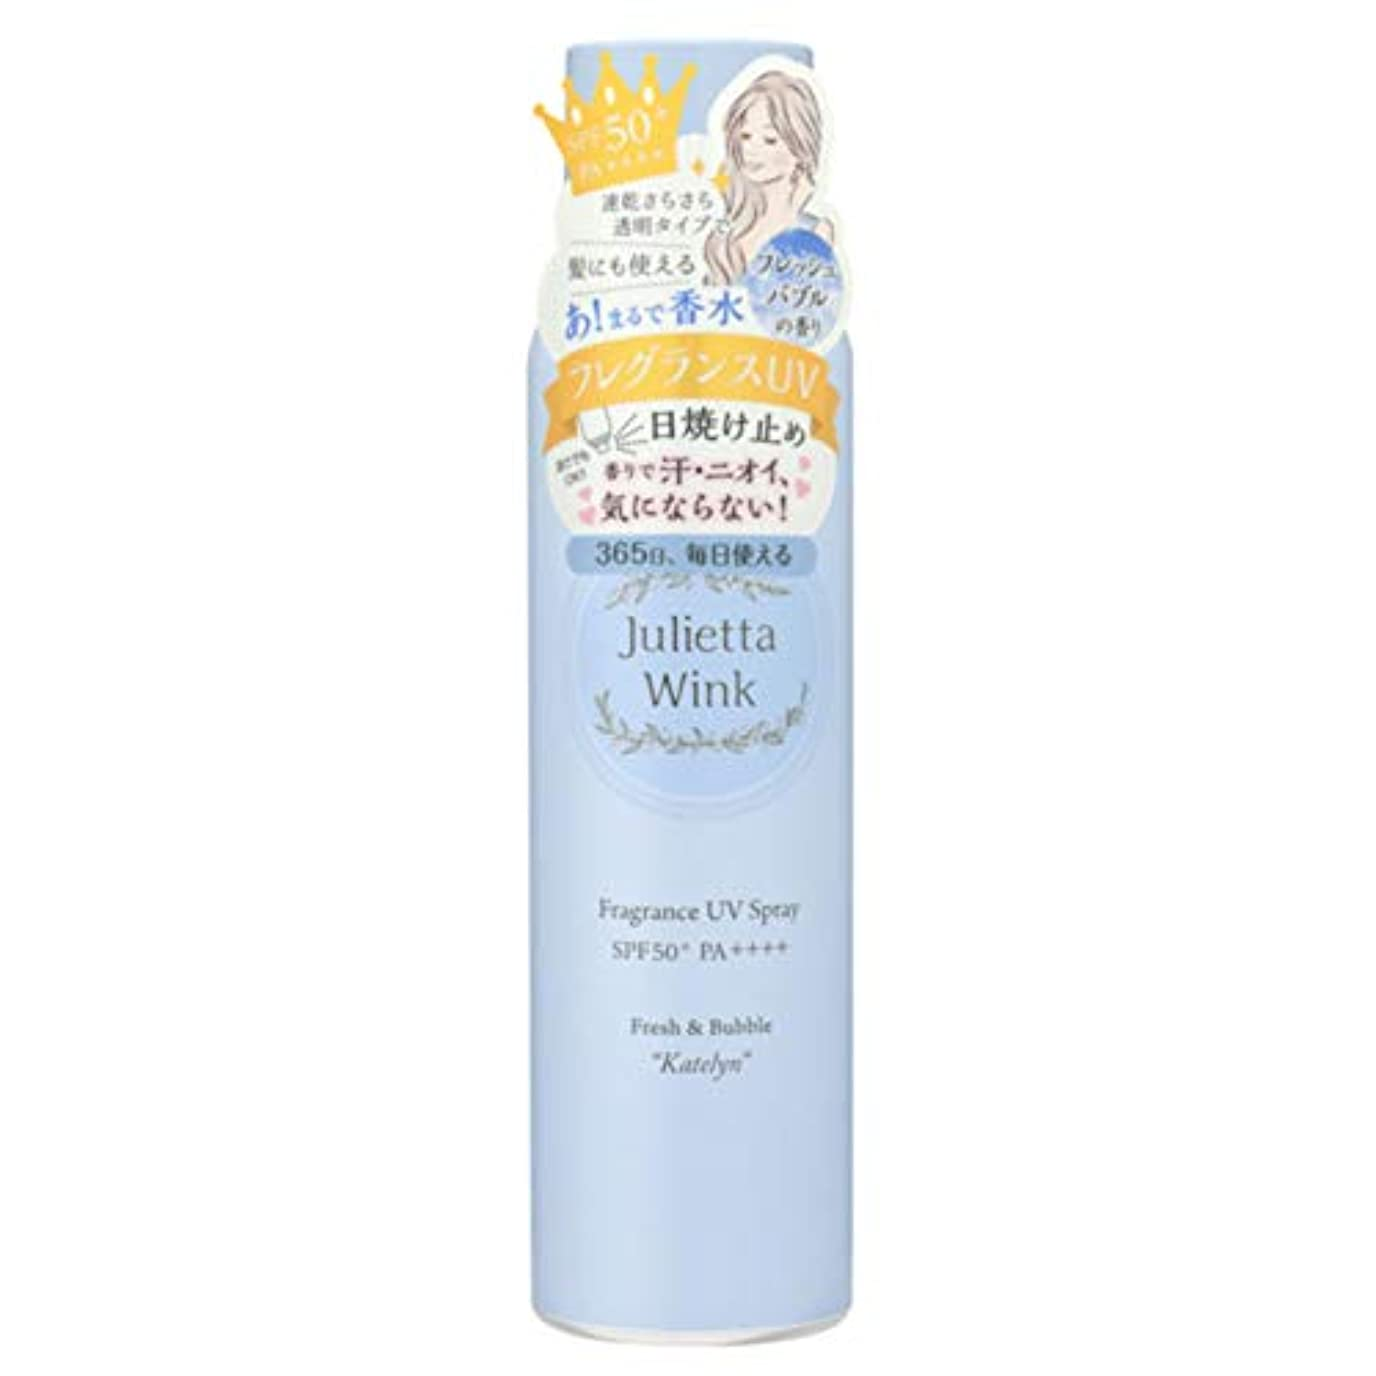 精神不完全なくつろぐジュリエッタウィンク フレグランス UVスプレー[ケイトリン]100g フレッシュバブルの香り(ブルー)